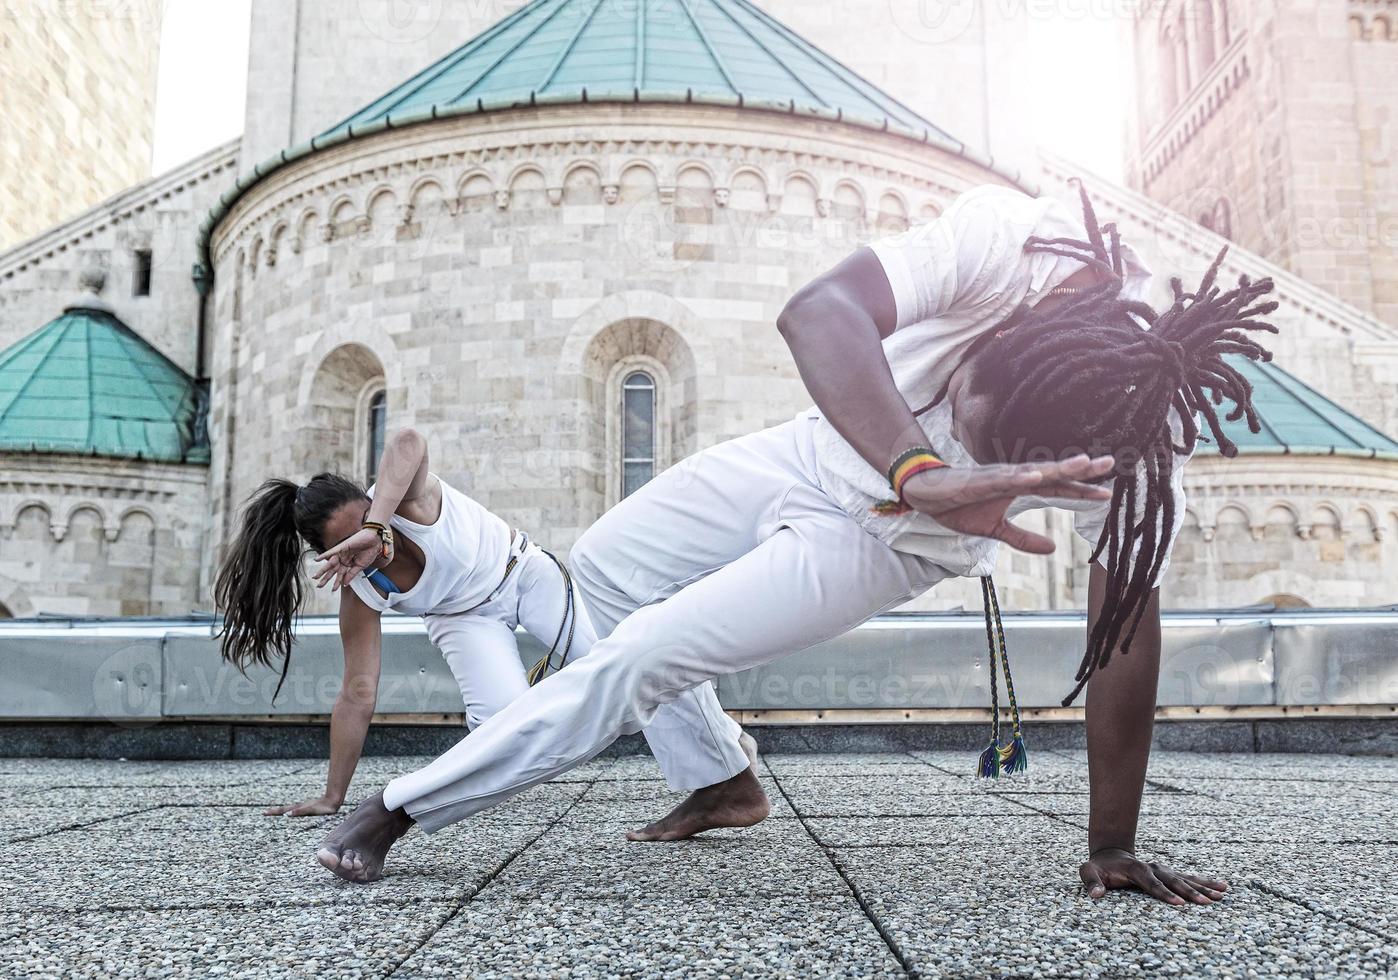 coppia giovane capoeira partnership, sport spettacolare foto